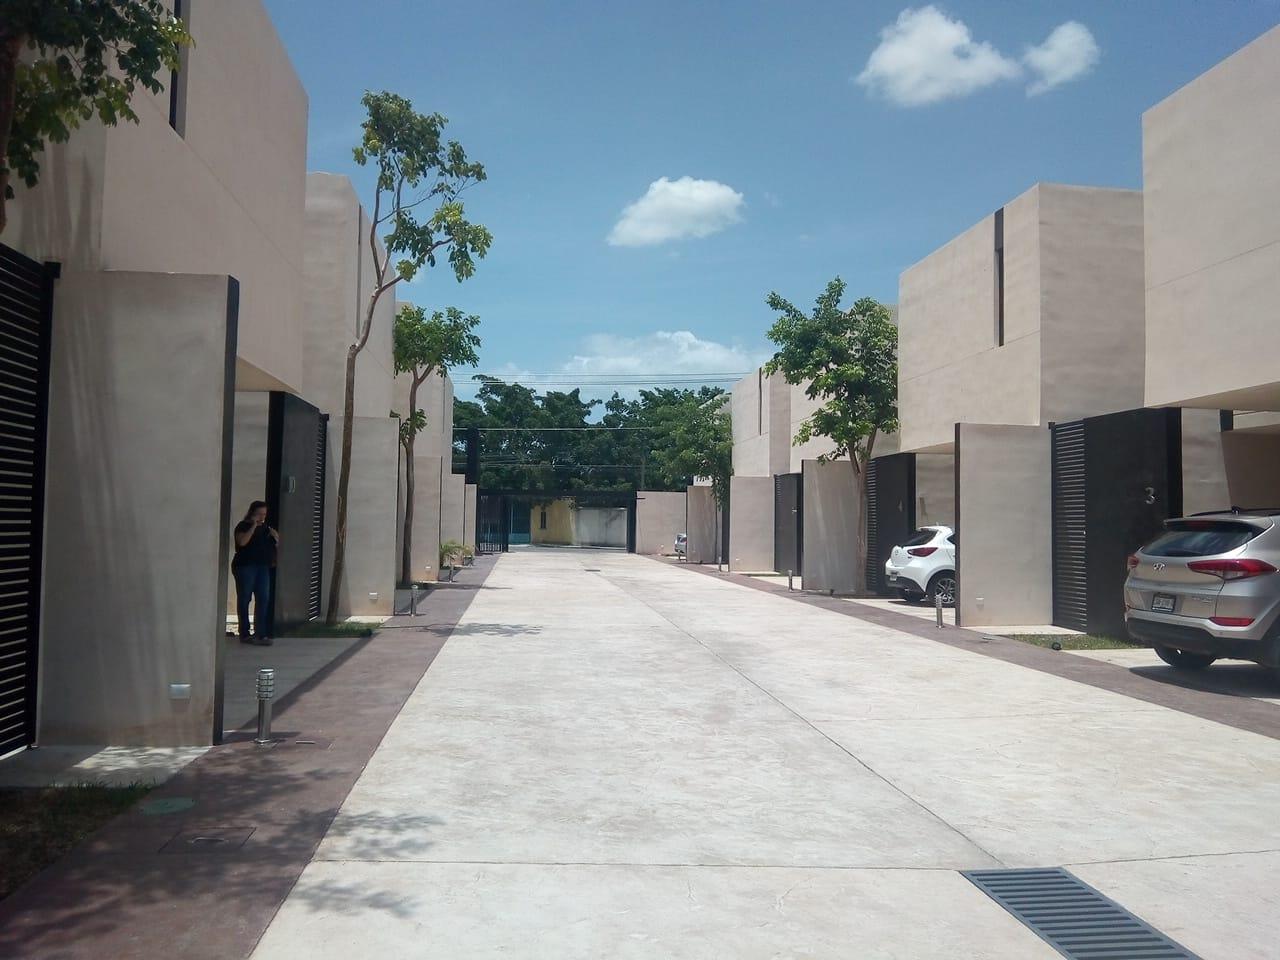 Townhouse Amueblado _via 33 Montebello